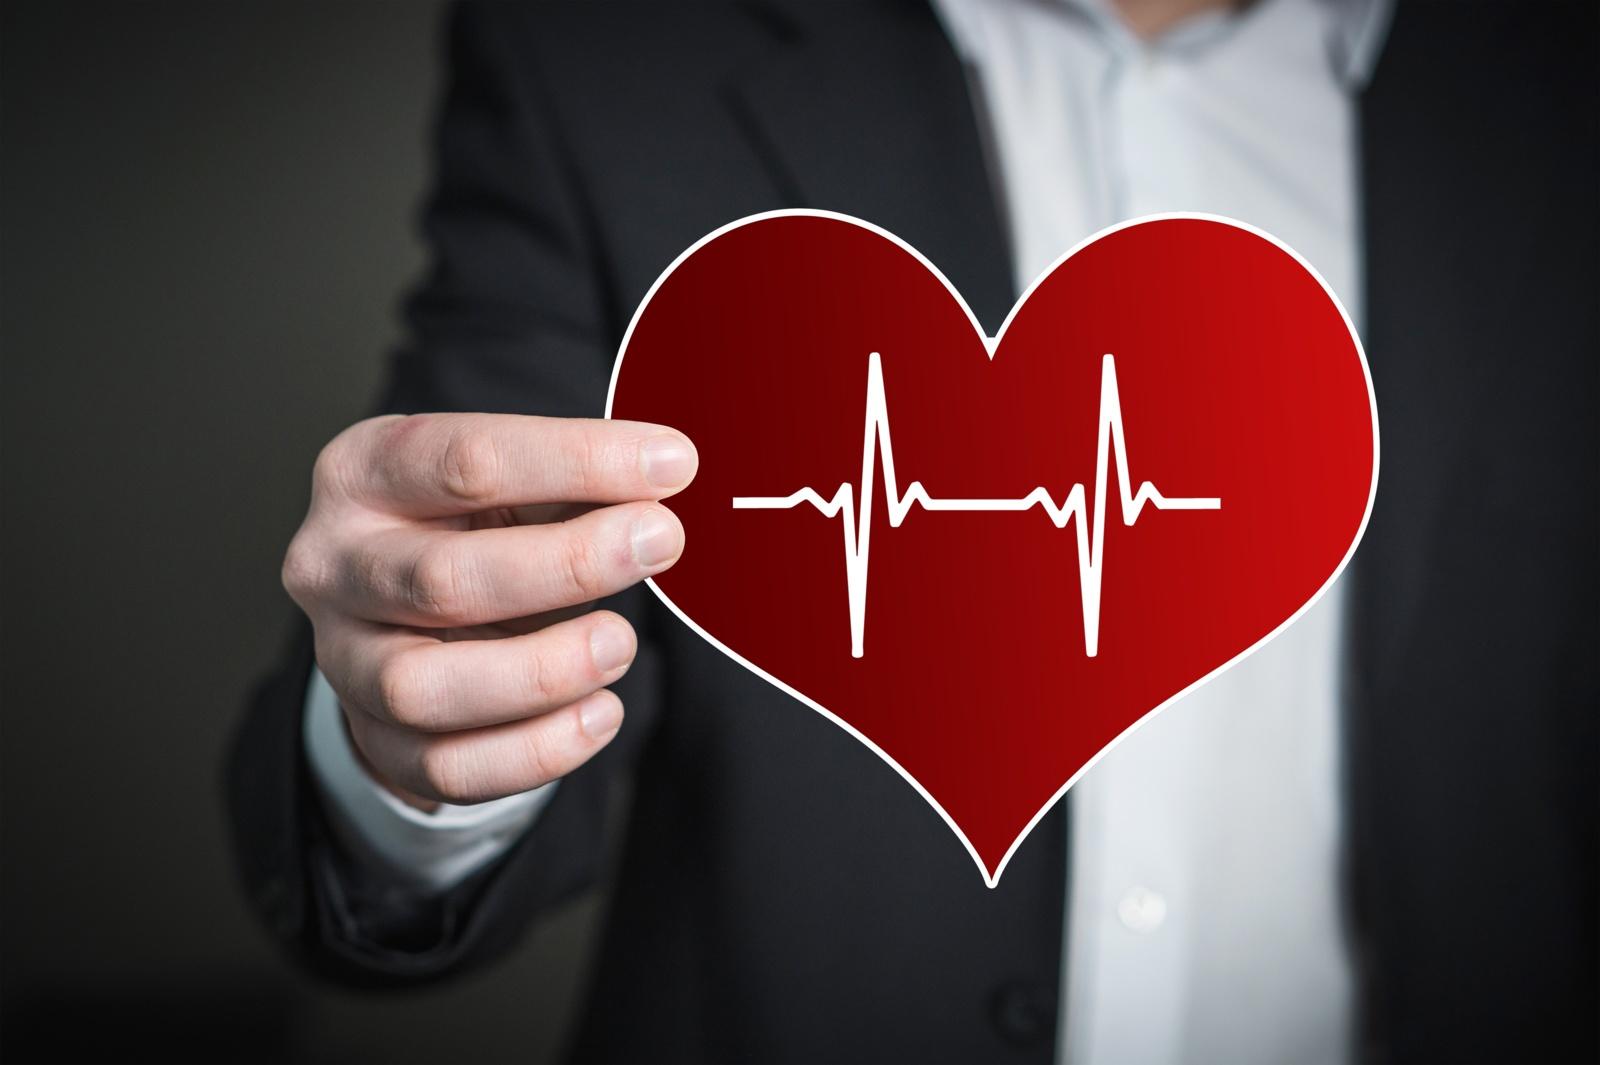 hipertenzija yra širdis